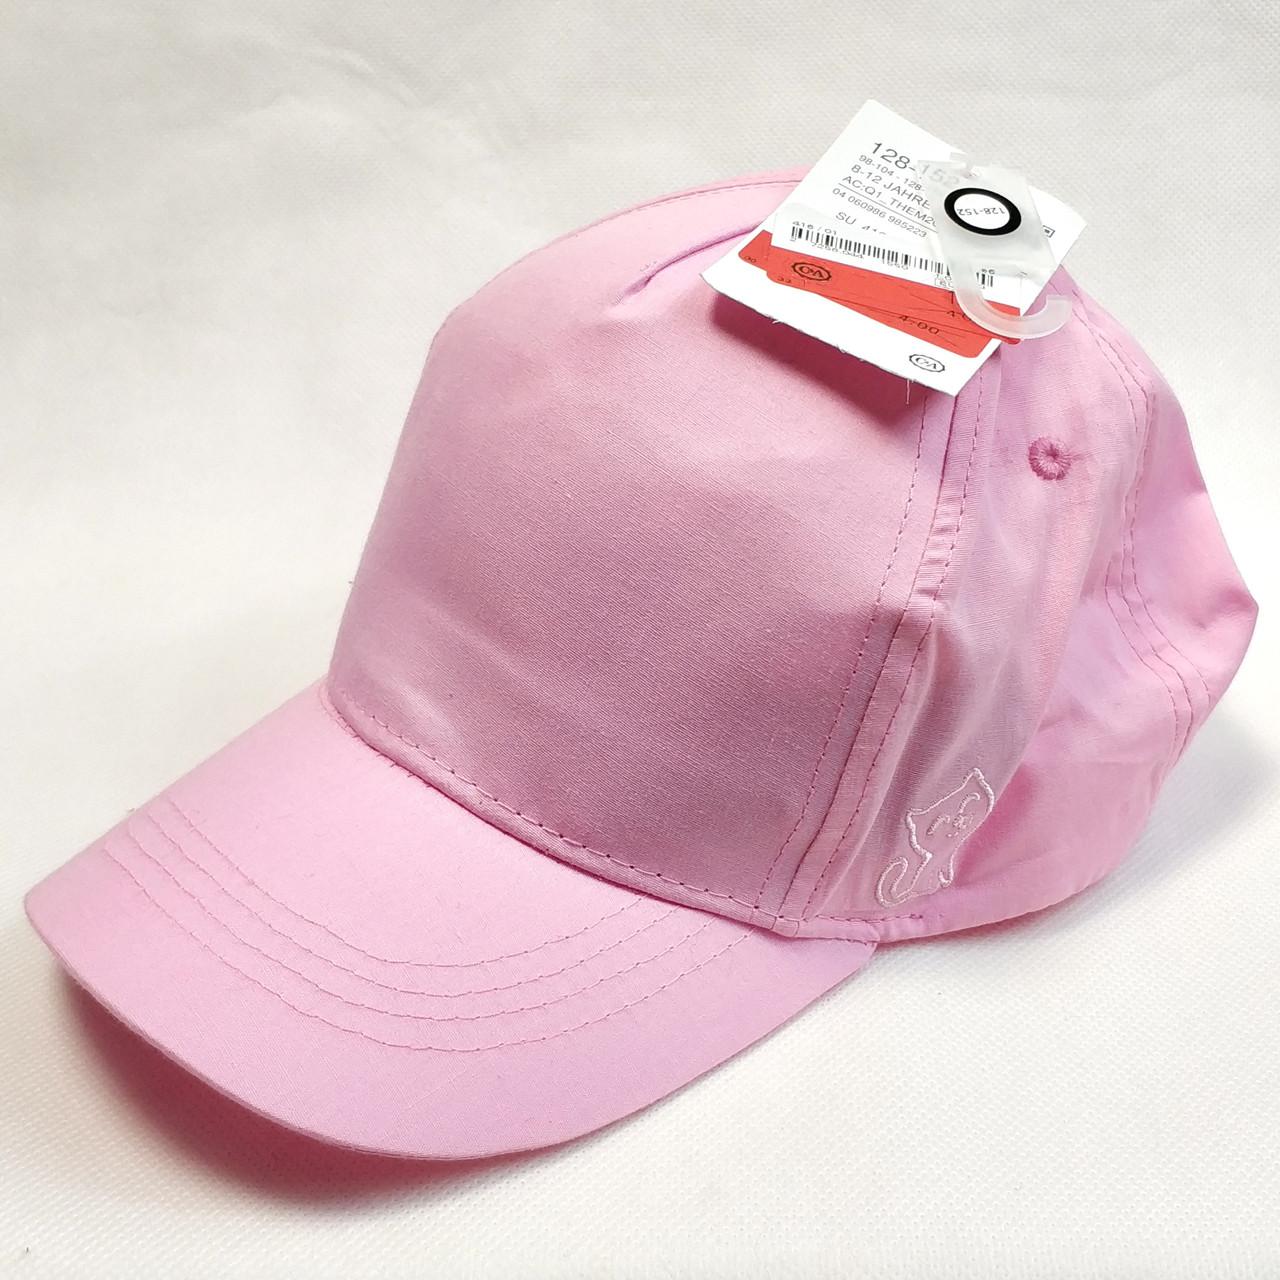 Детская летняя кепка бейсболка для девочки розовая бренд c&a 8-12 лет